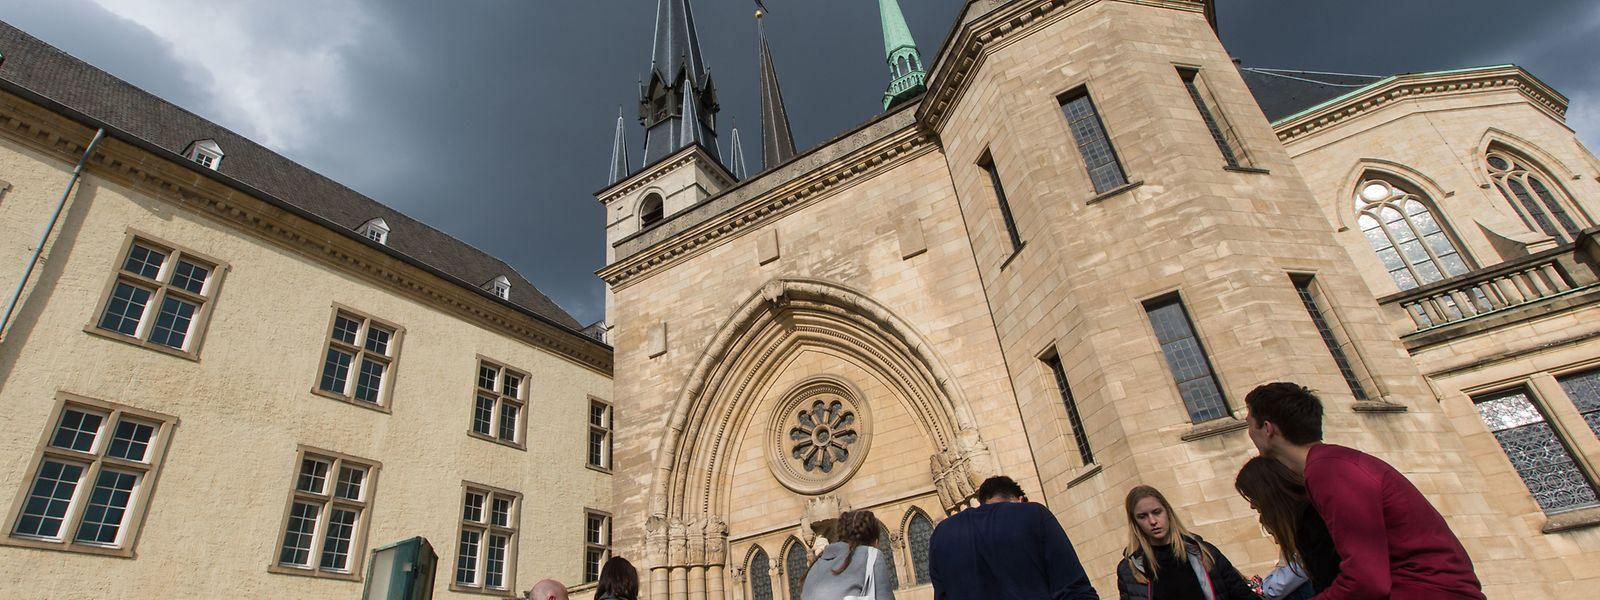 La cathédrale Notre-Dame de Luxembourg-Ville a été construite au XVIIe siècle.